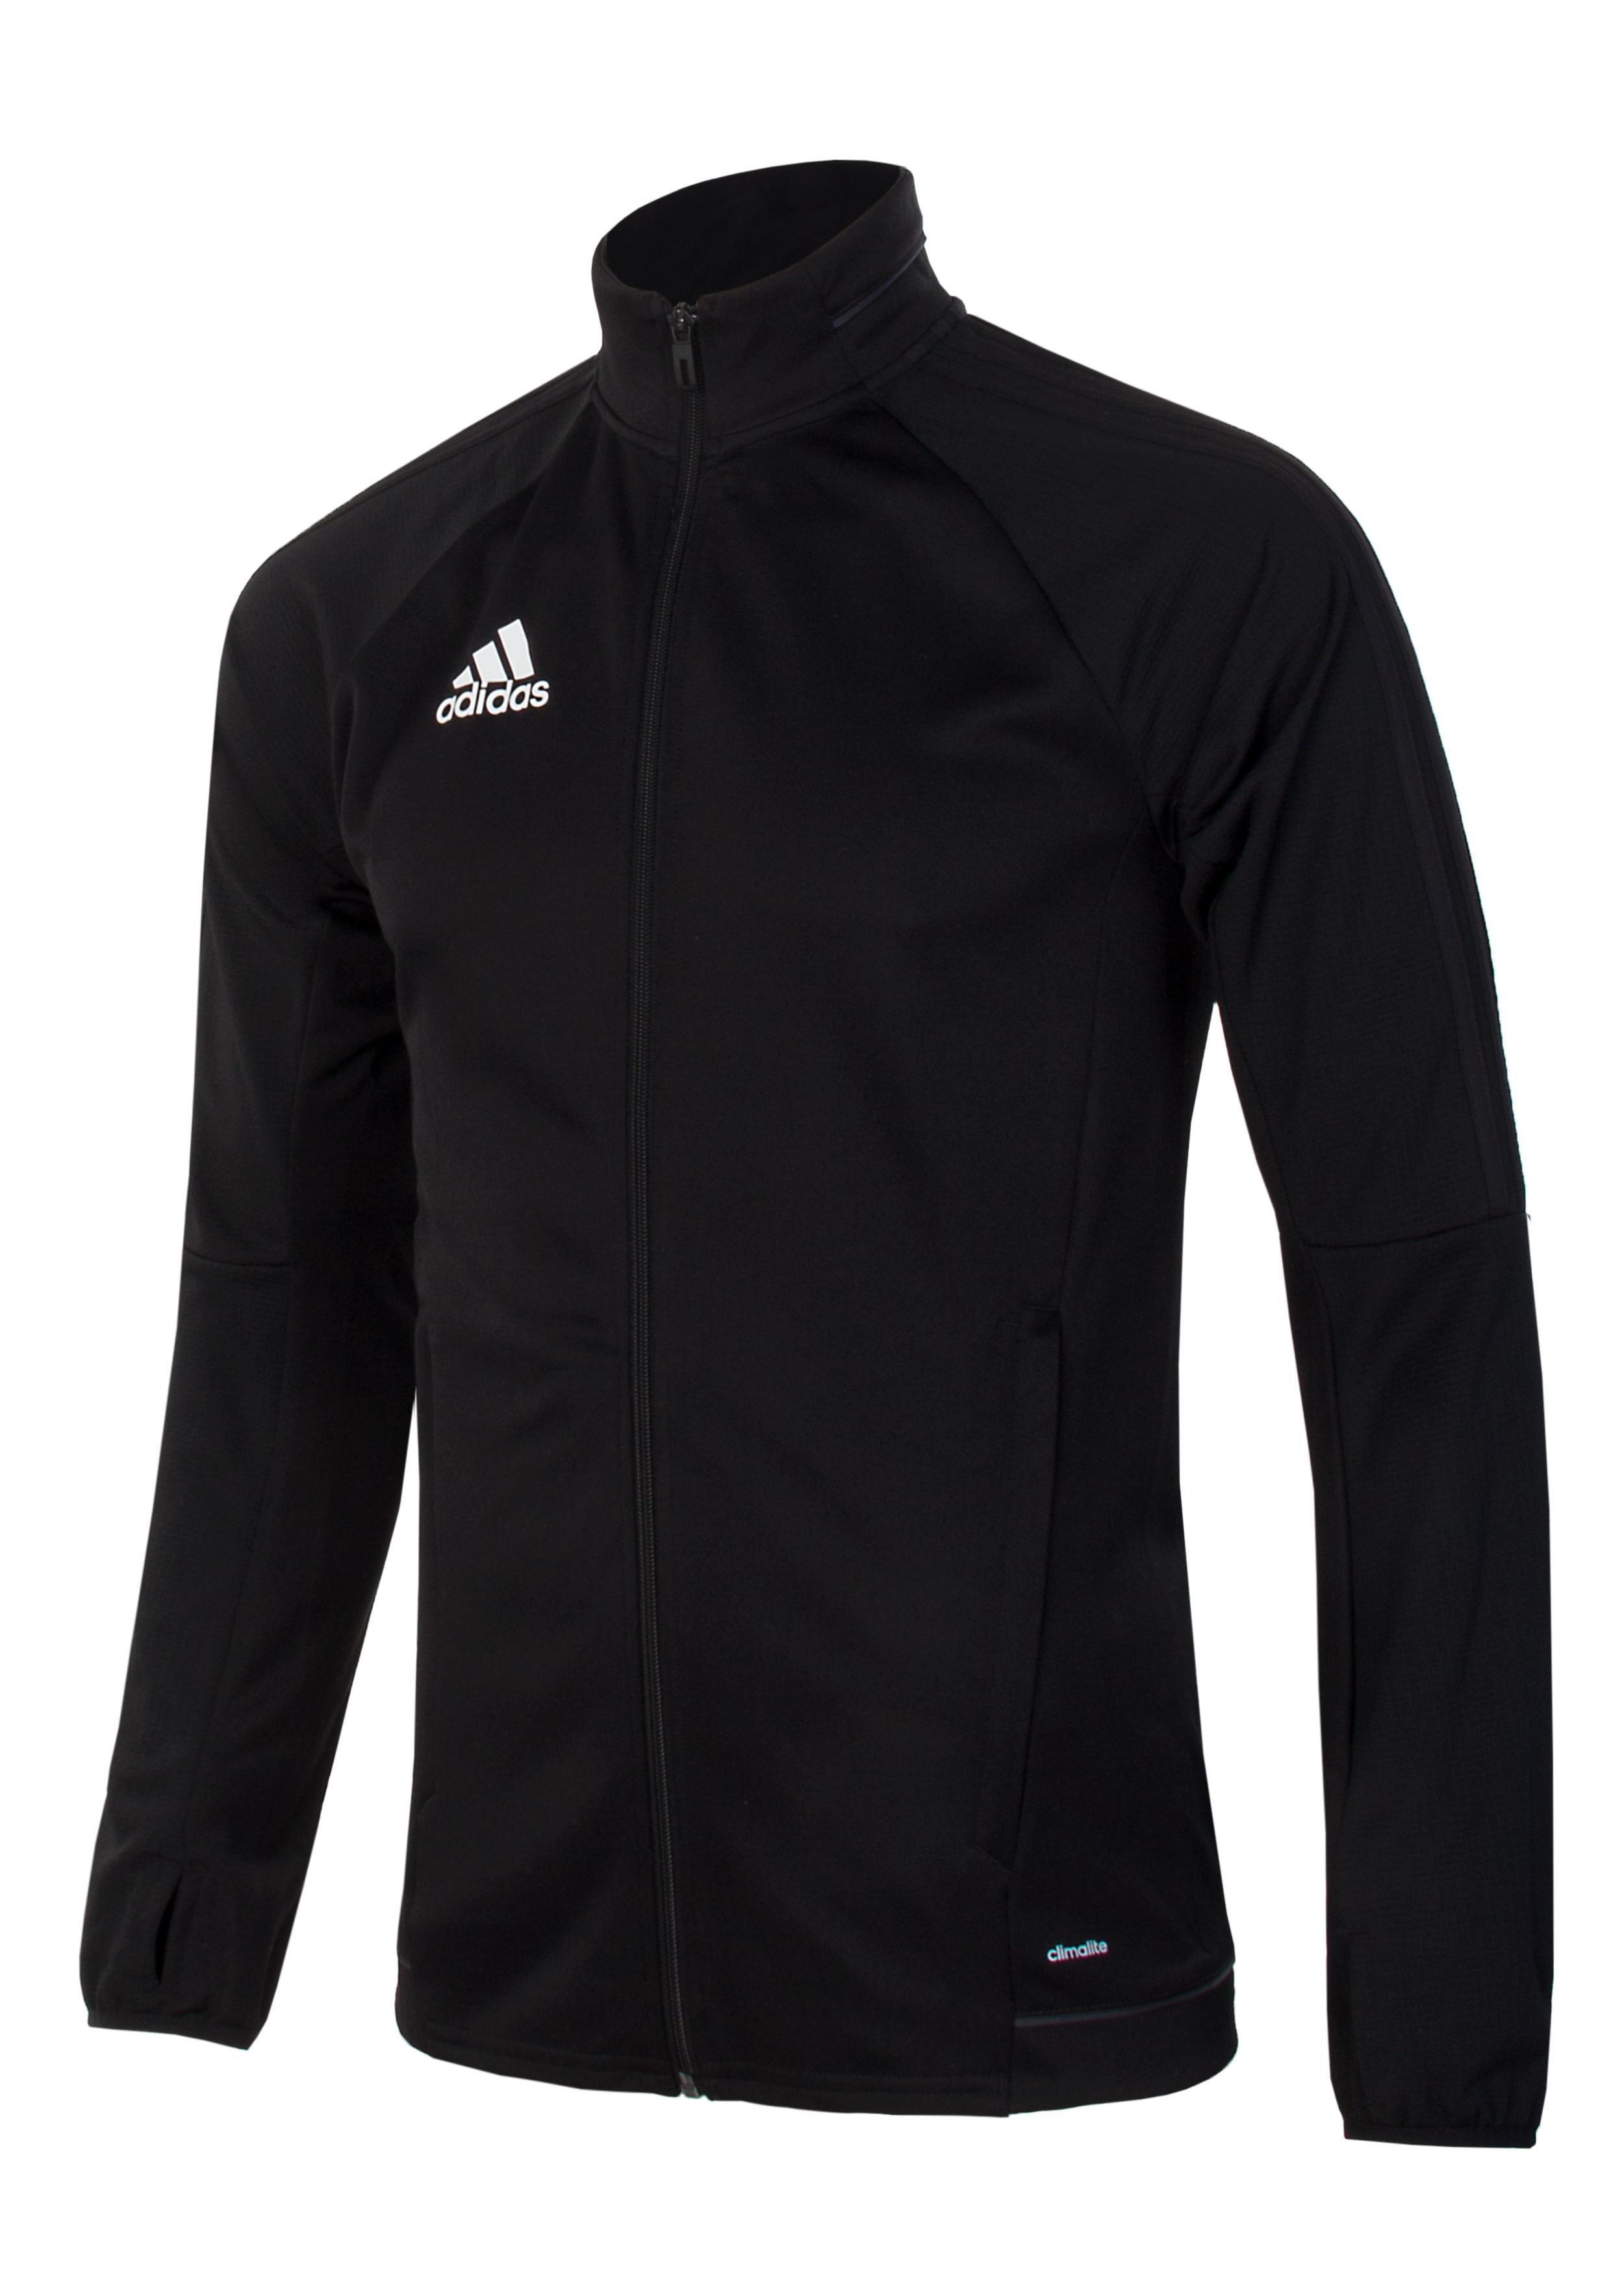 7c5230715e7 Ветровка мужская Adidas Tiro17 BJ9294 черная - Сеть спортивных ...